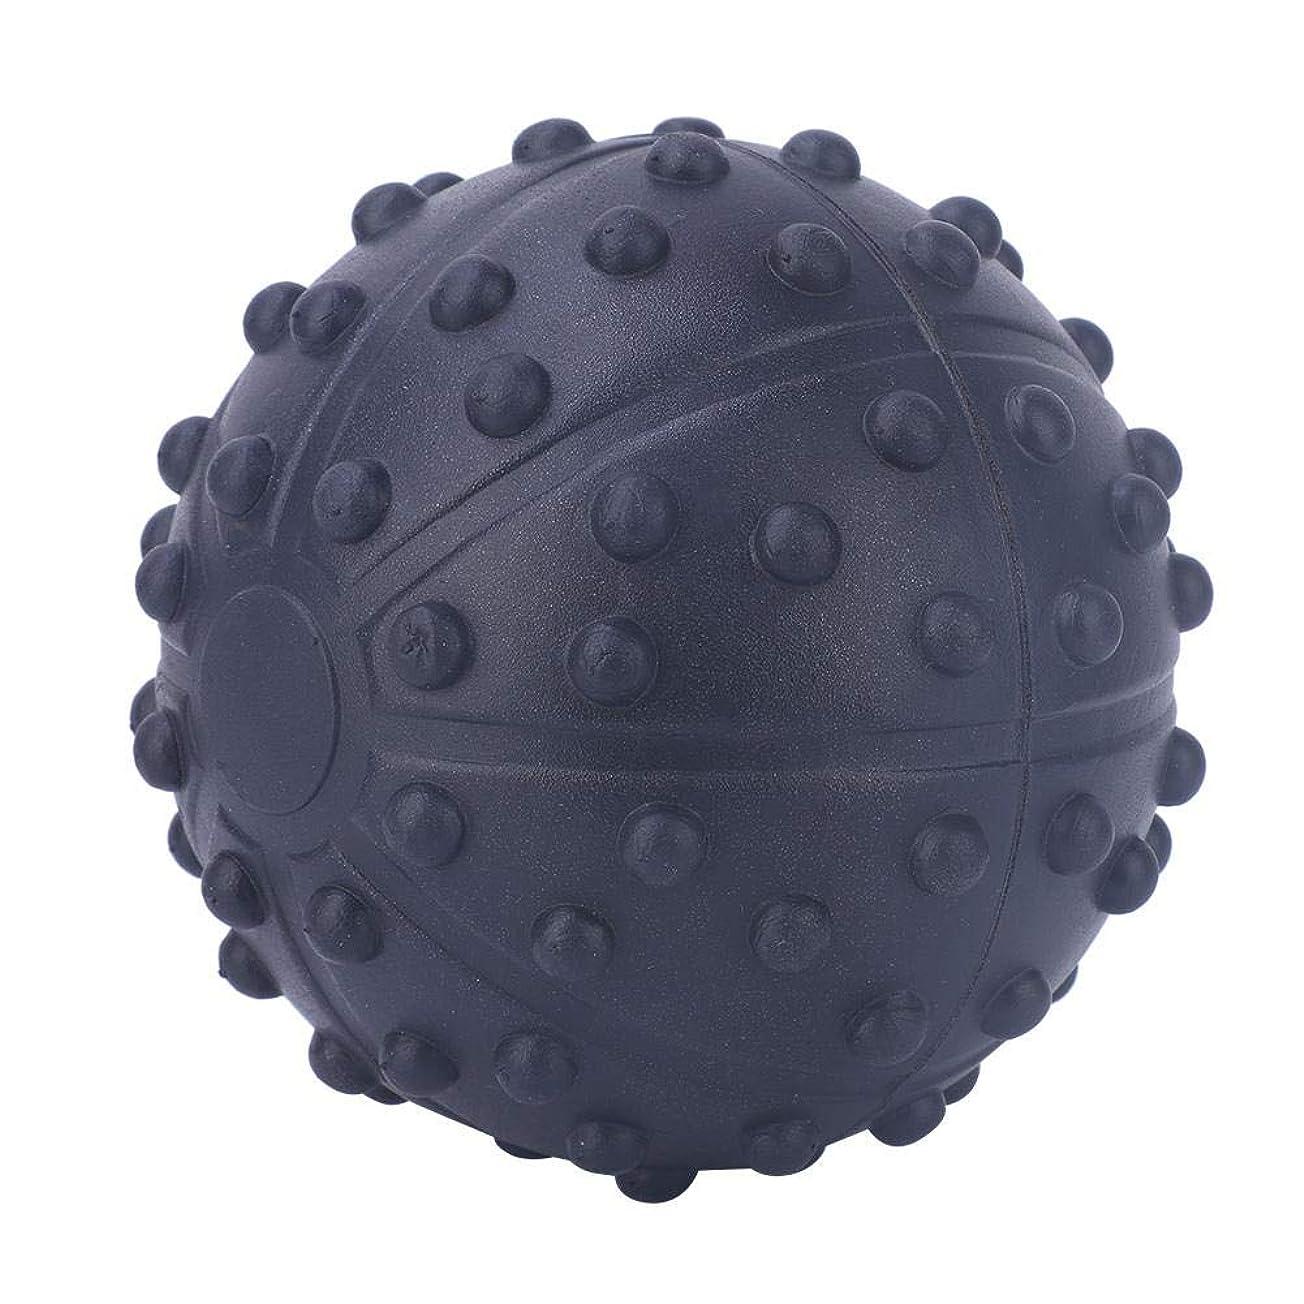 漂流やりすぎ意気込み深いティッシュヨガの筋膜の球、ヨガの疲労筋肉は筋肉救済、背部、首および足のマッサージャーのためのスポーツの球を取り除きます